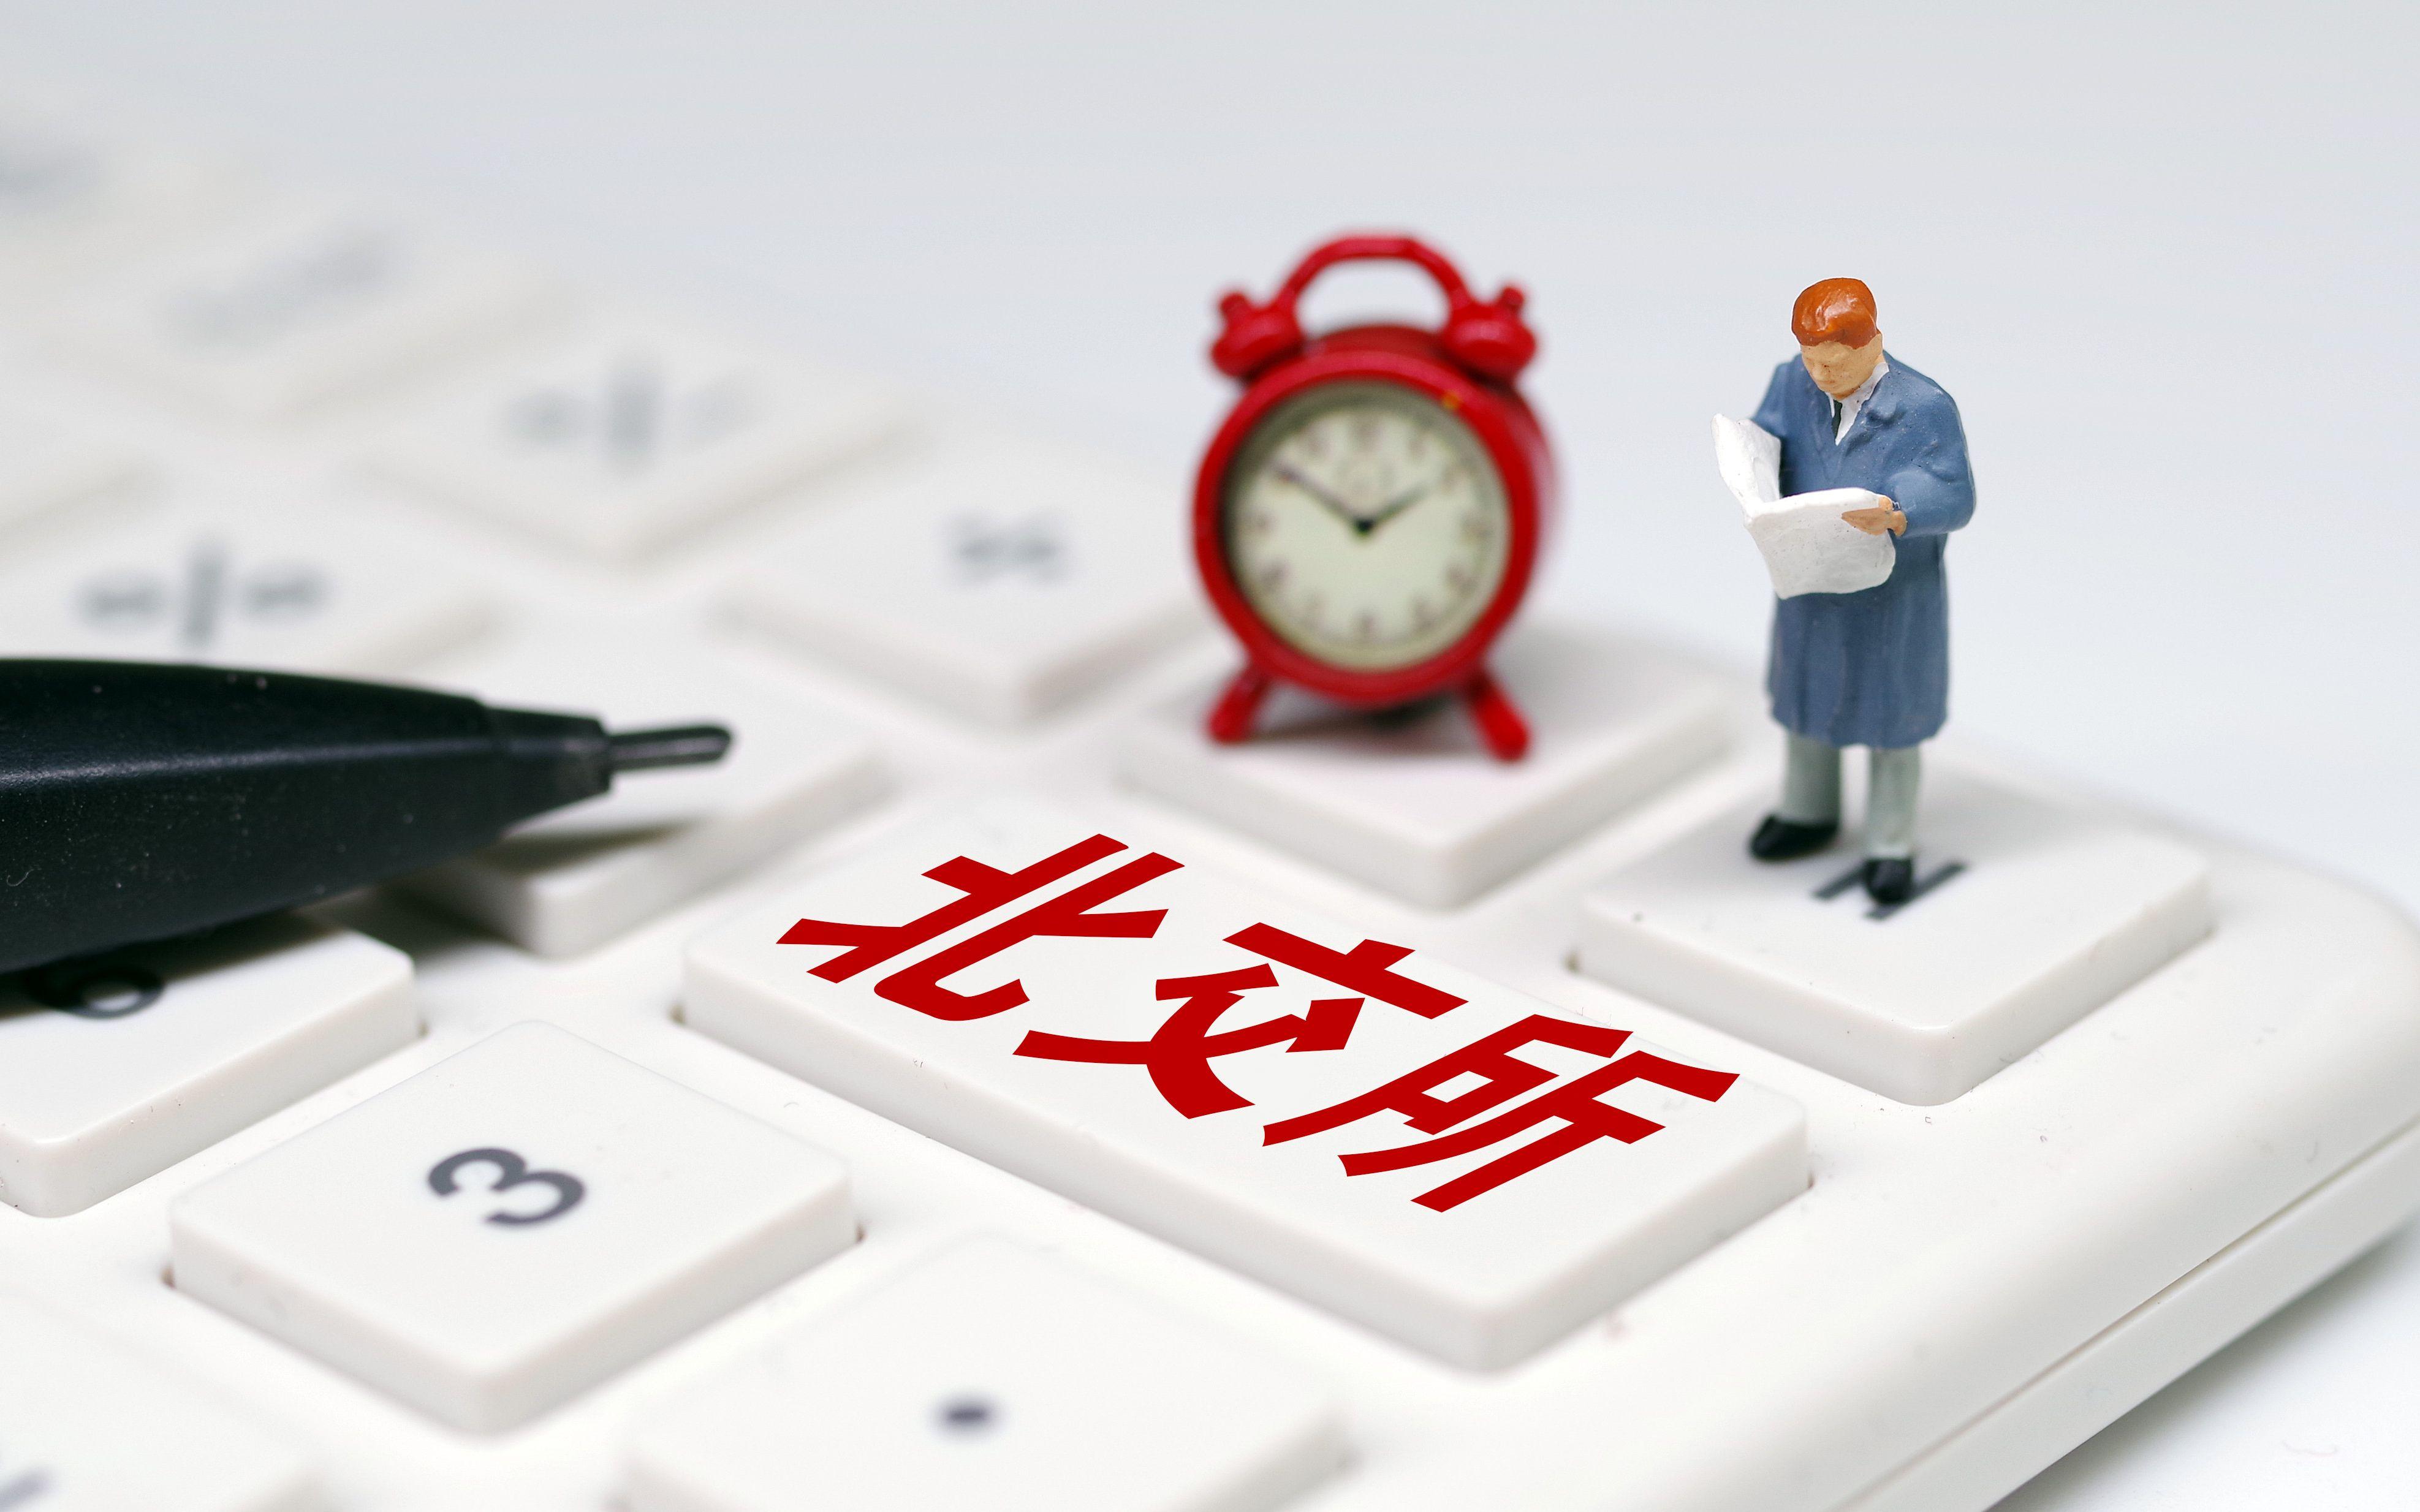 股票北京证券交易所官方网站上线试运行